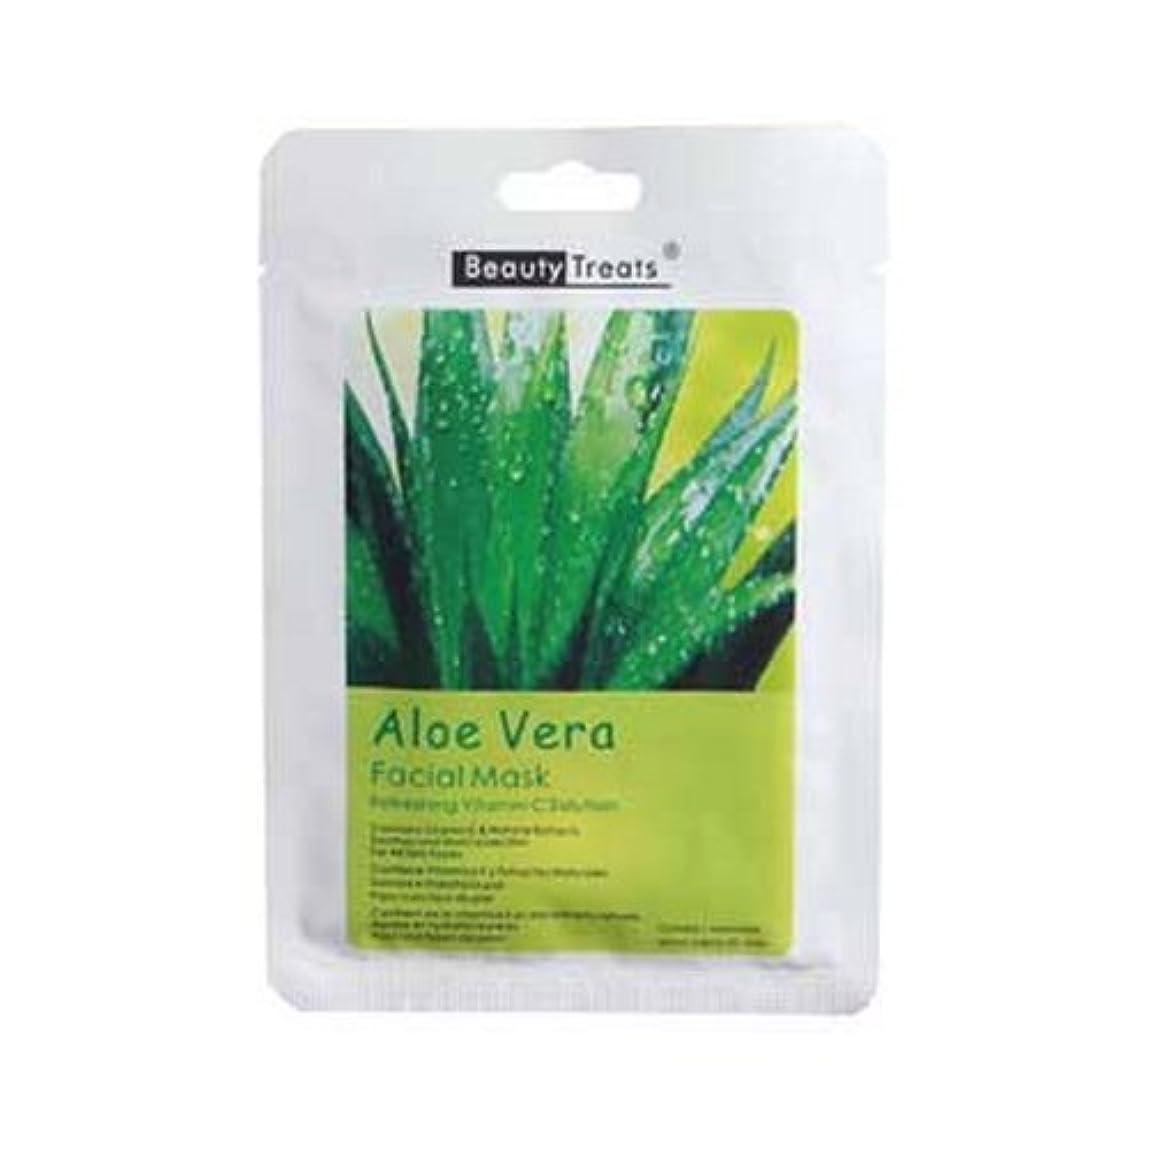 同一性損失ランドリー(3 Pack) BEAUTY TREATS Facial Mask Refreshing Vitamin C Solution - Aloe Vera (並行輸入品)